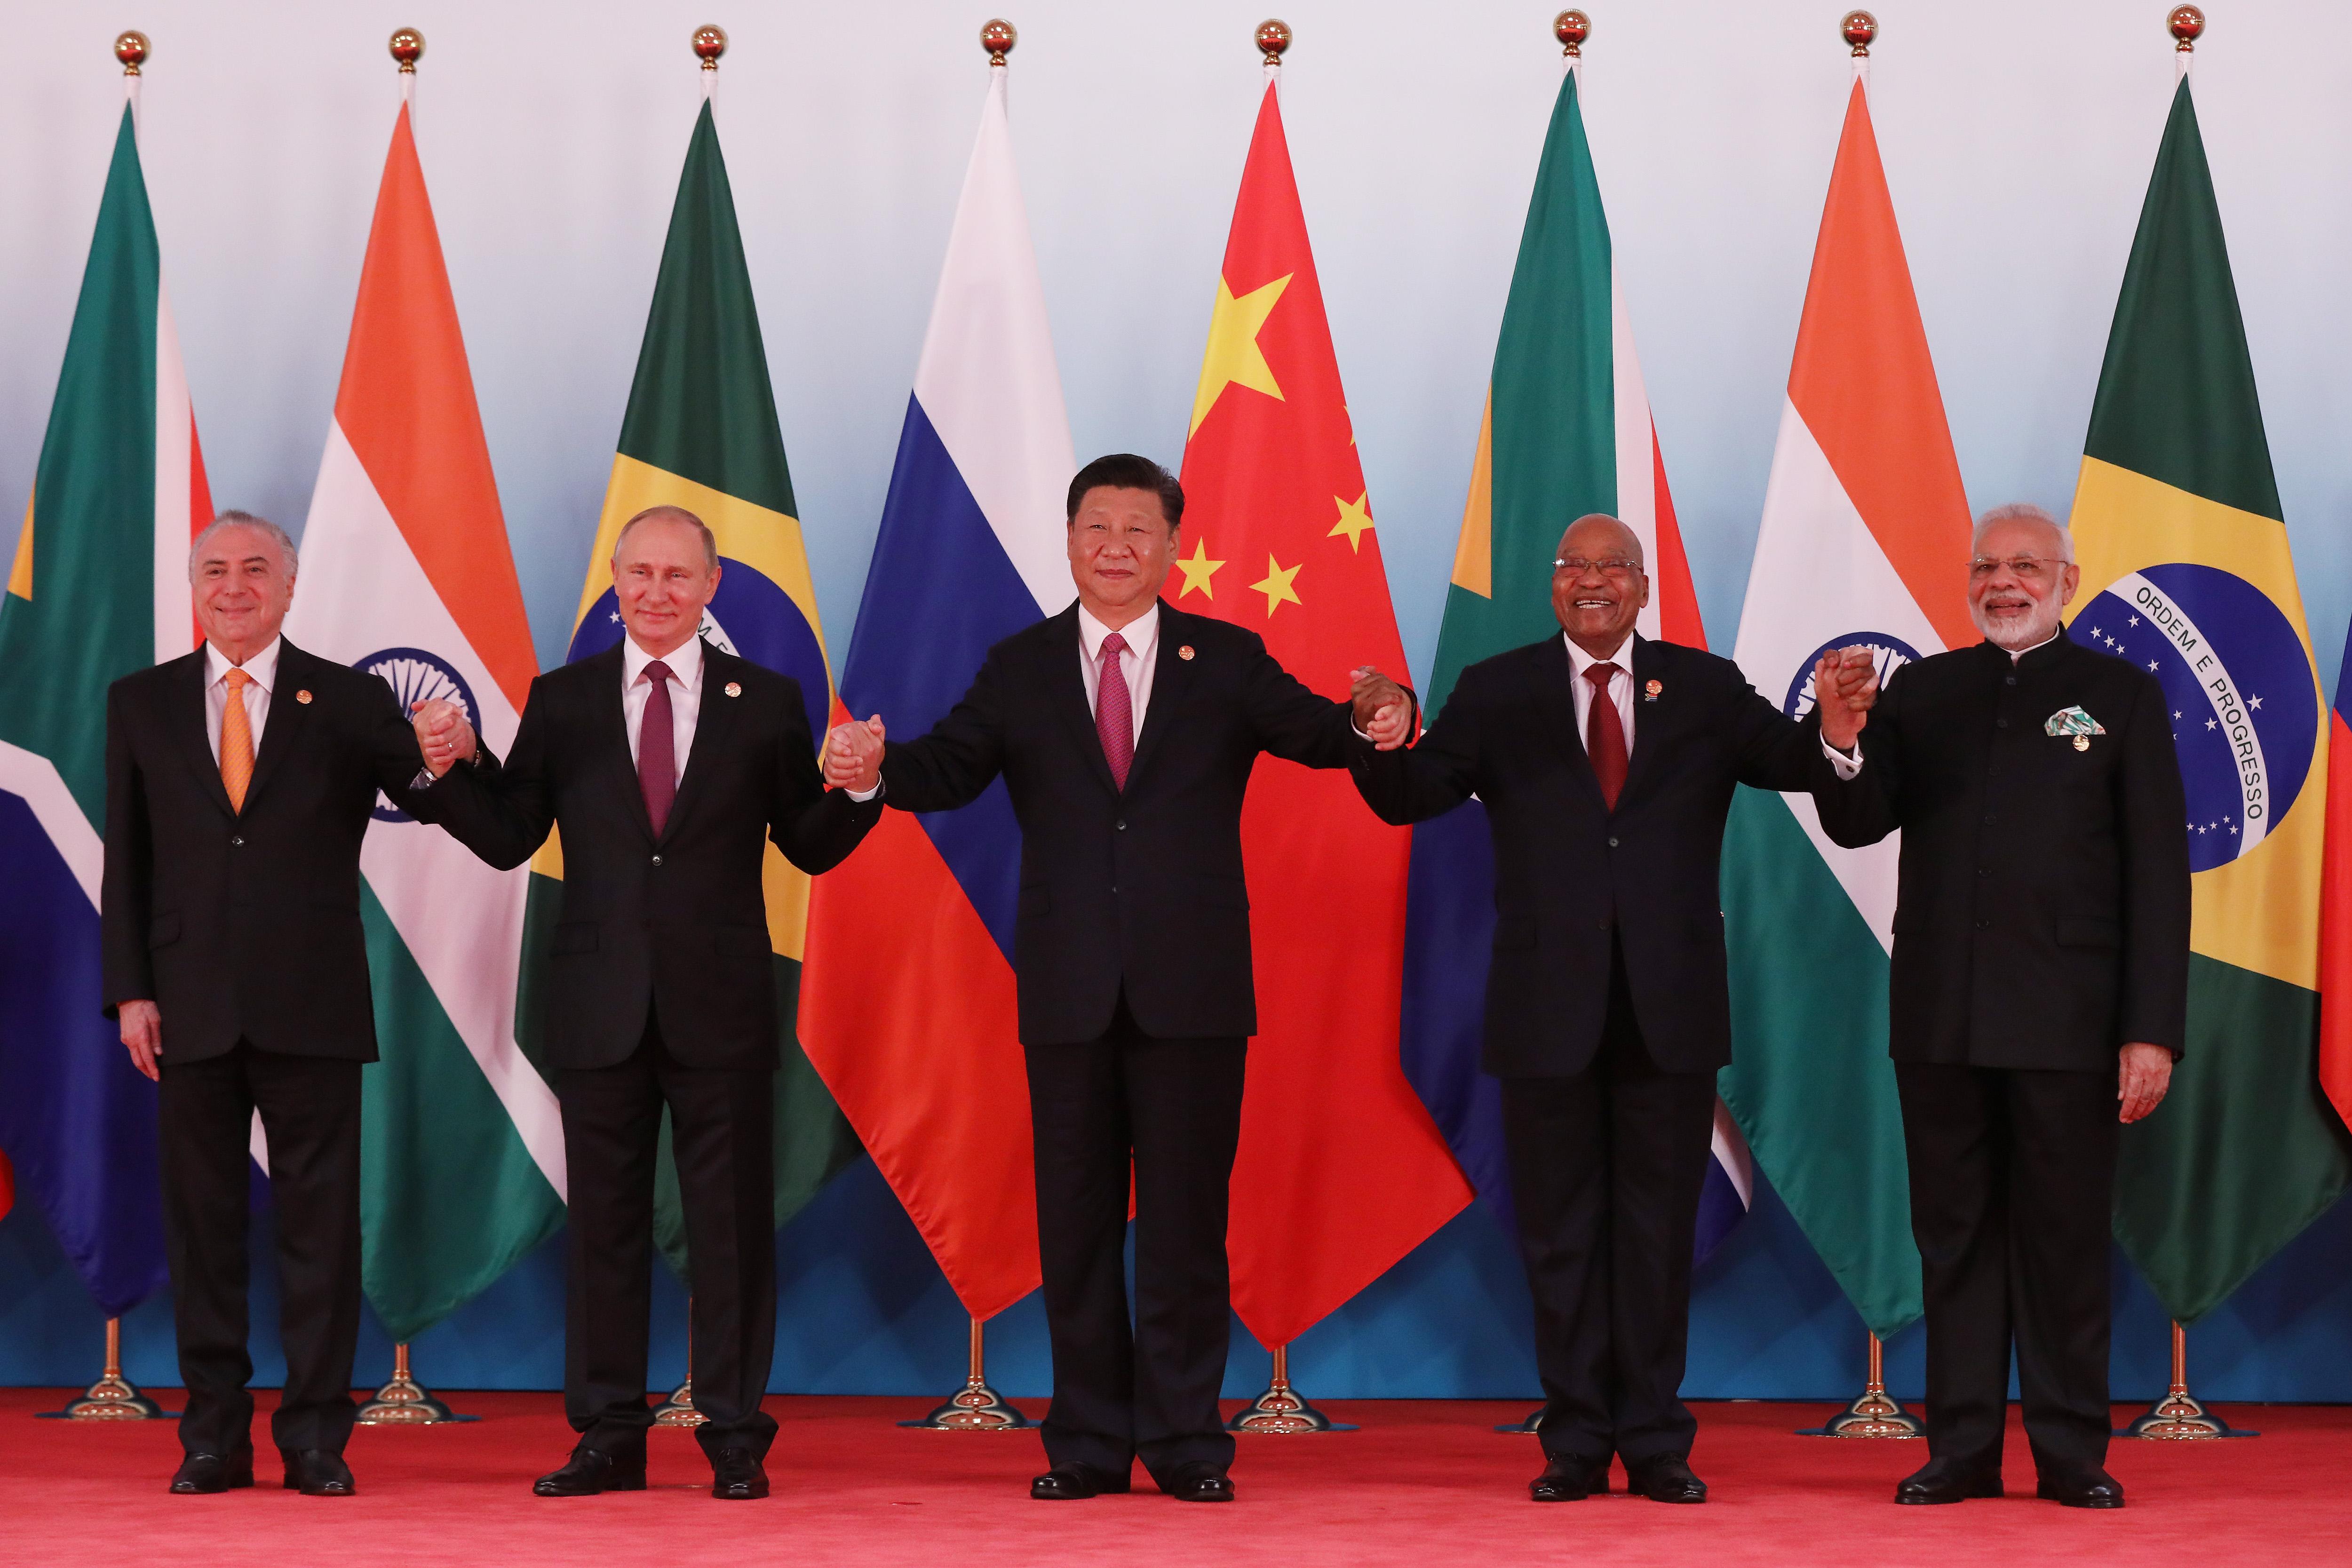 De gauche à droite, le président brésilien Michel Temer, le président russe Vladimir Poutine, le président chinois Xi Jinping, le président sud-africain Jacob Zuma le Premier ministre indien Narendra Modi lors du sommet des BRICS à Xiamen, dans le sud-est de la Chine, le 4 septembre 2017. (Crédits : AFP PHOTO / POOL / WU HONG)